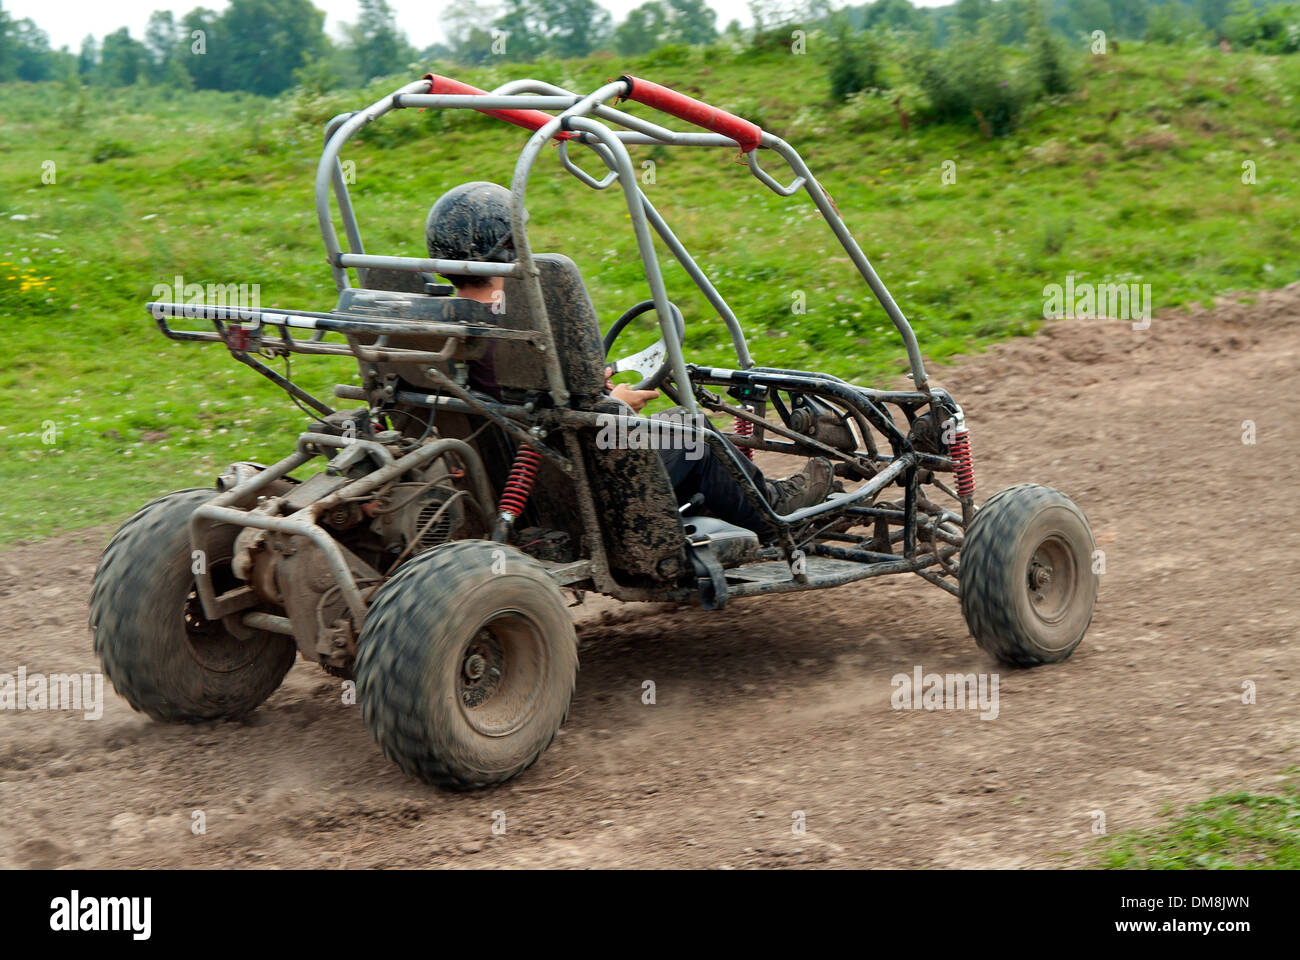 Buggy, vehículo todo terreno, Canadá Imagen De Stock